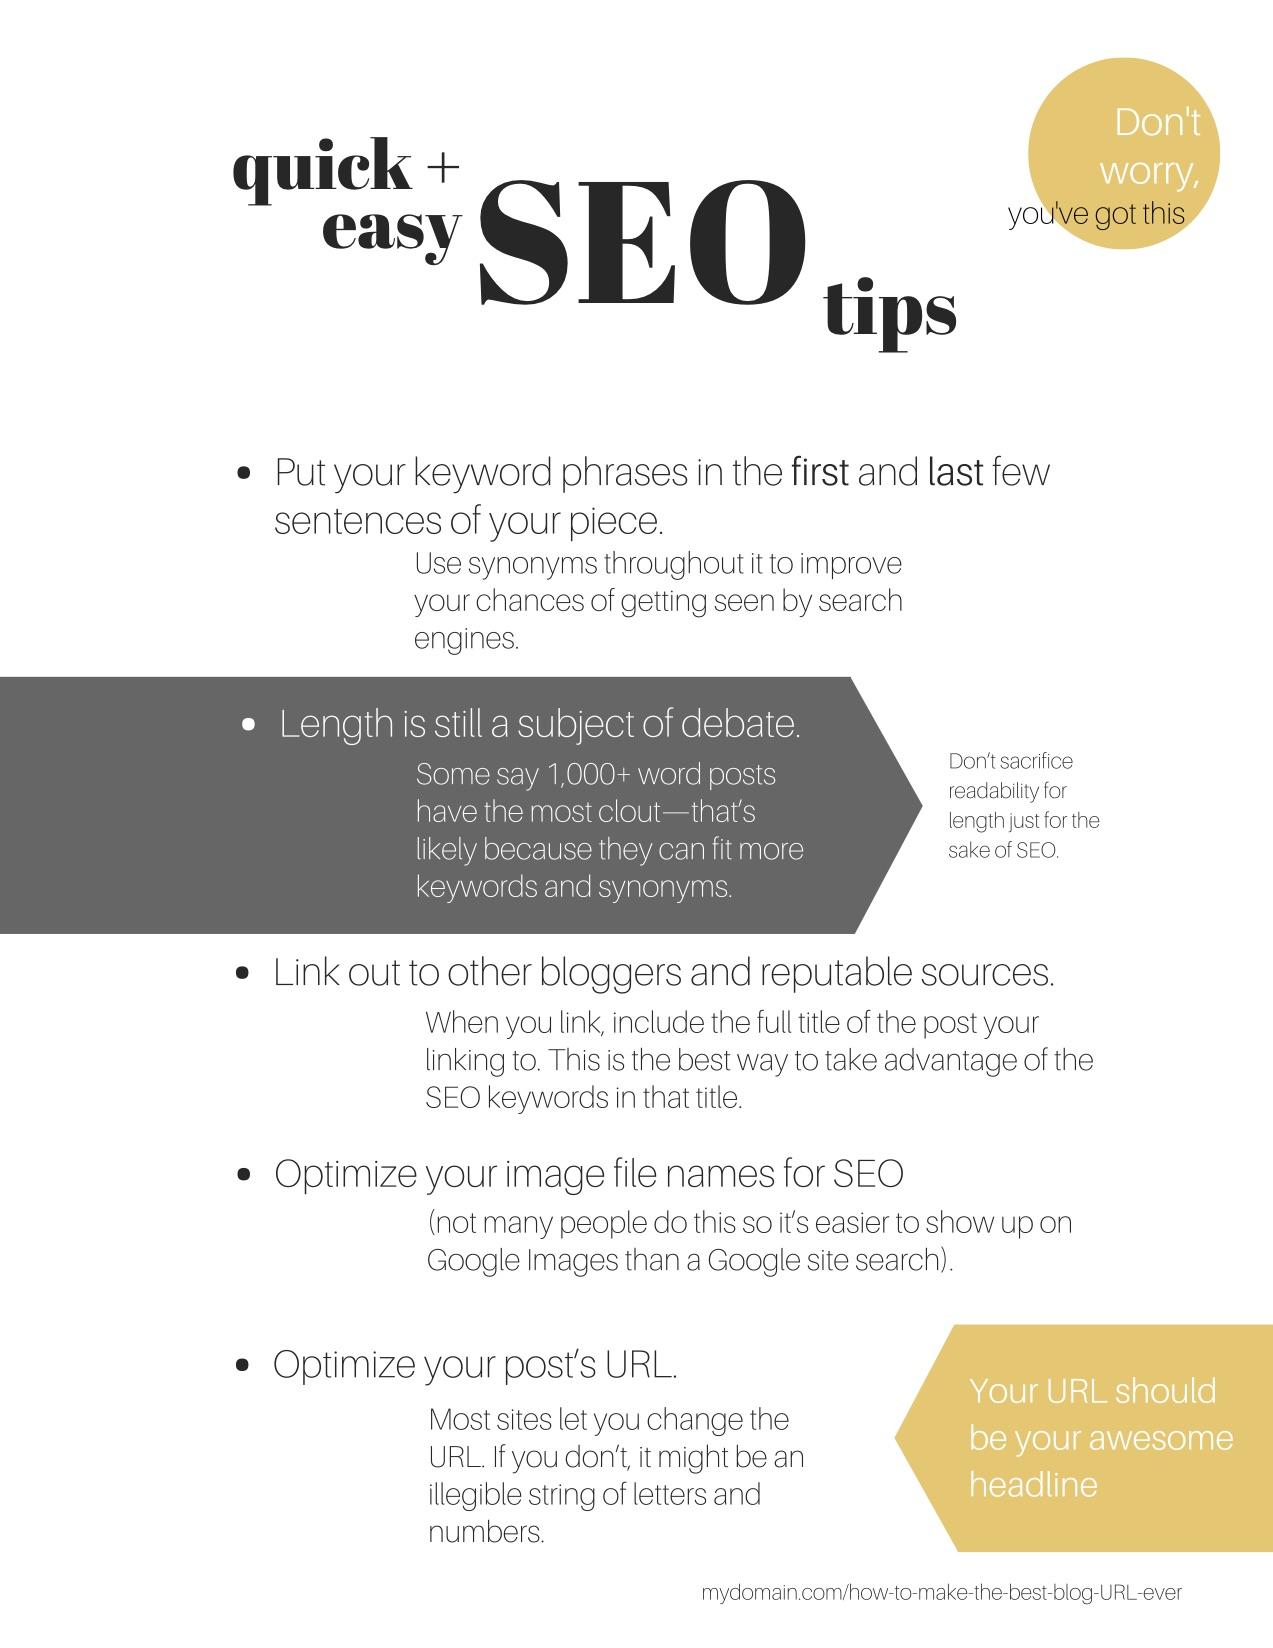 Easy SEO tips.jpg